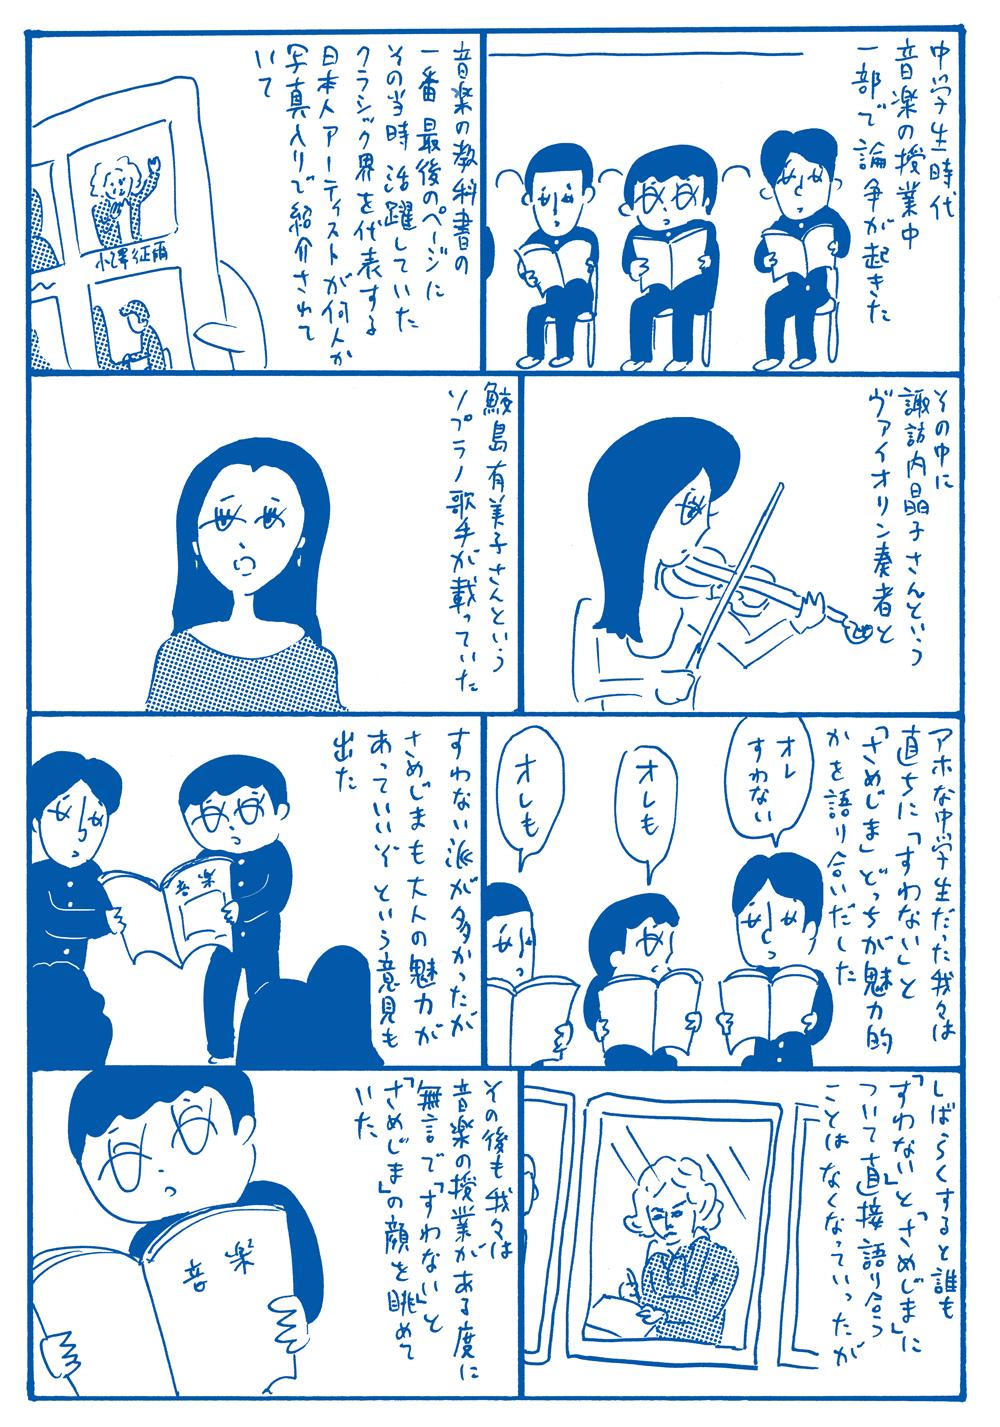 oohashi-hiroyuki-025